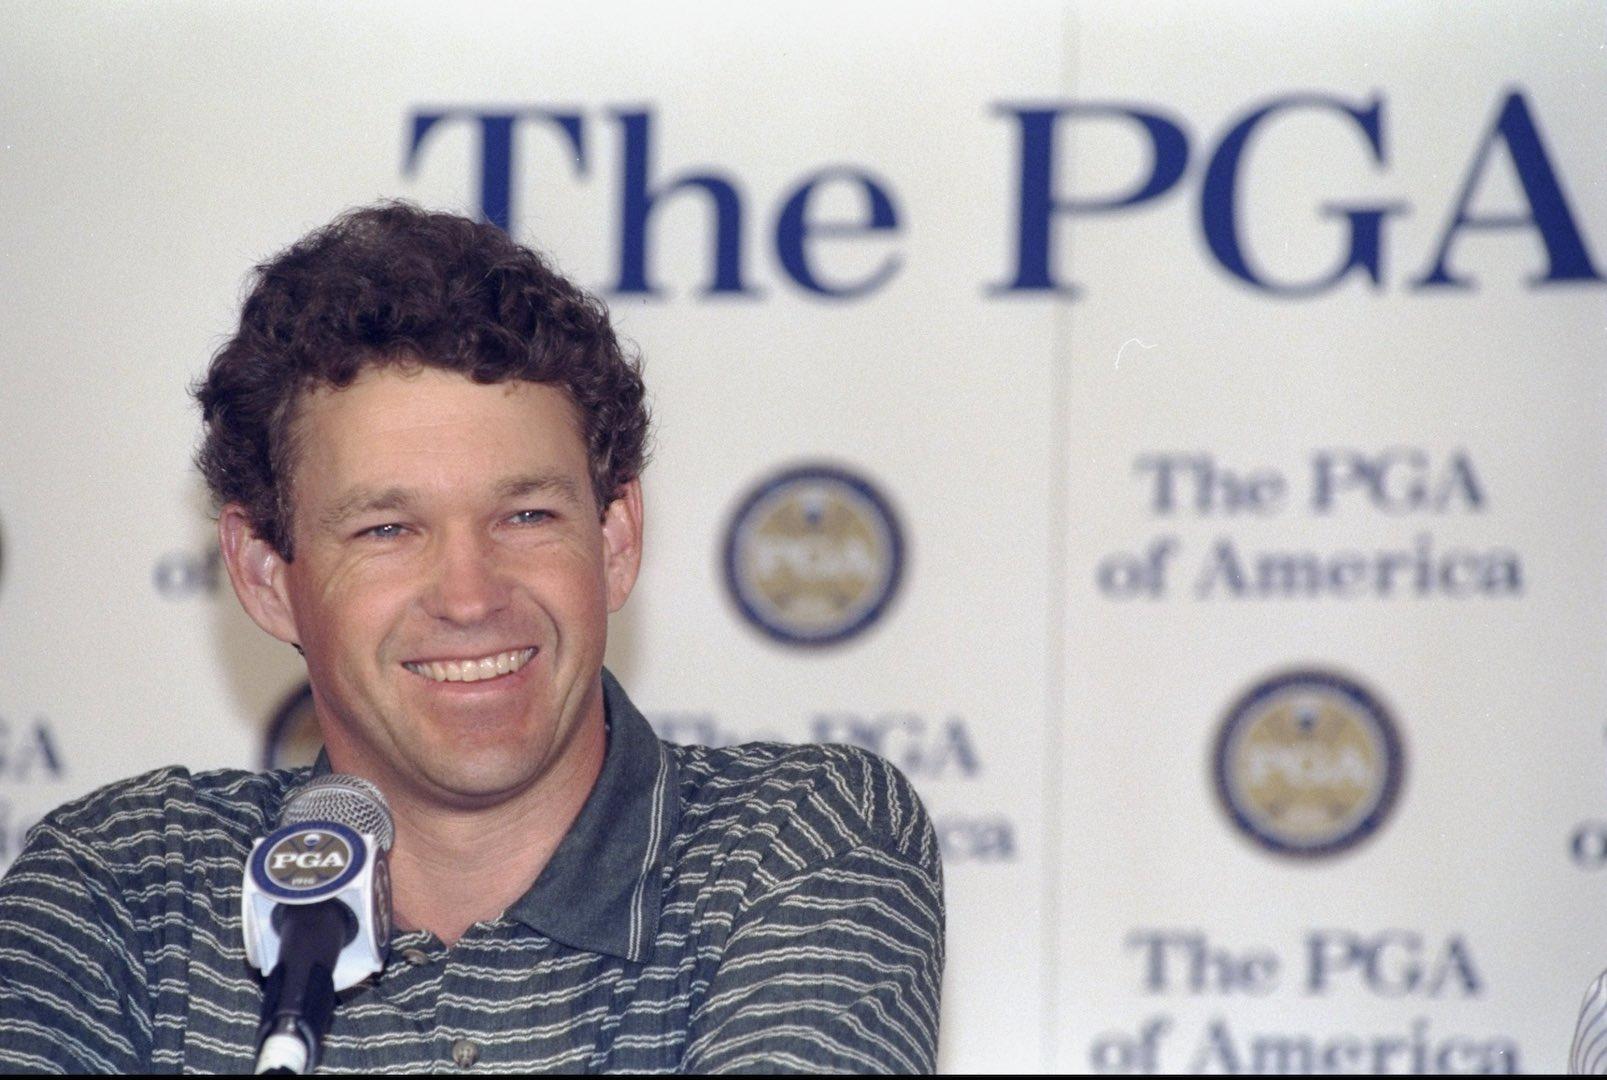 Golf's Top 10 Rule Breakers